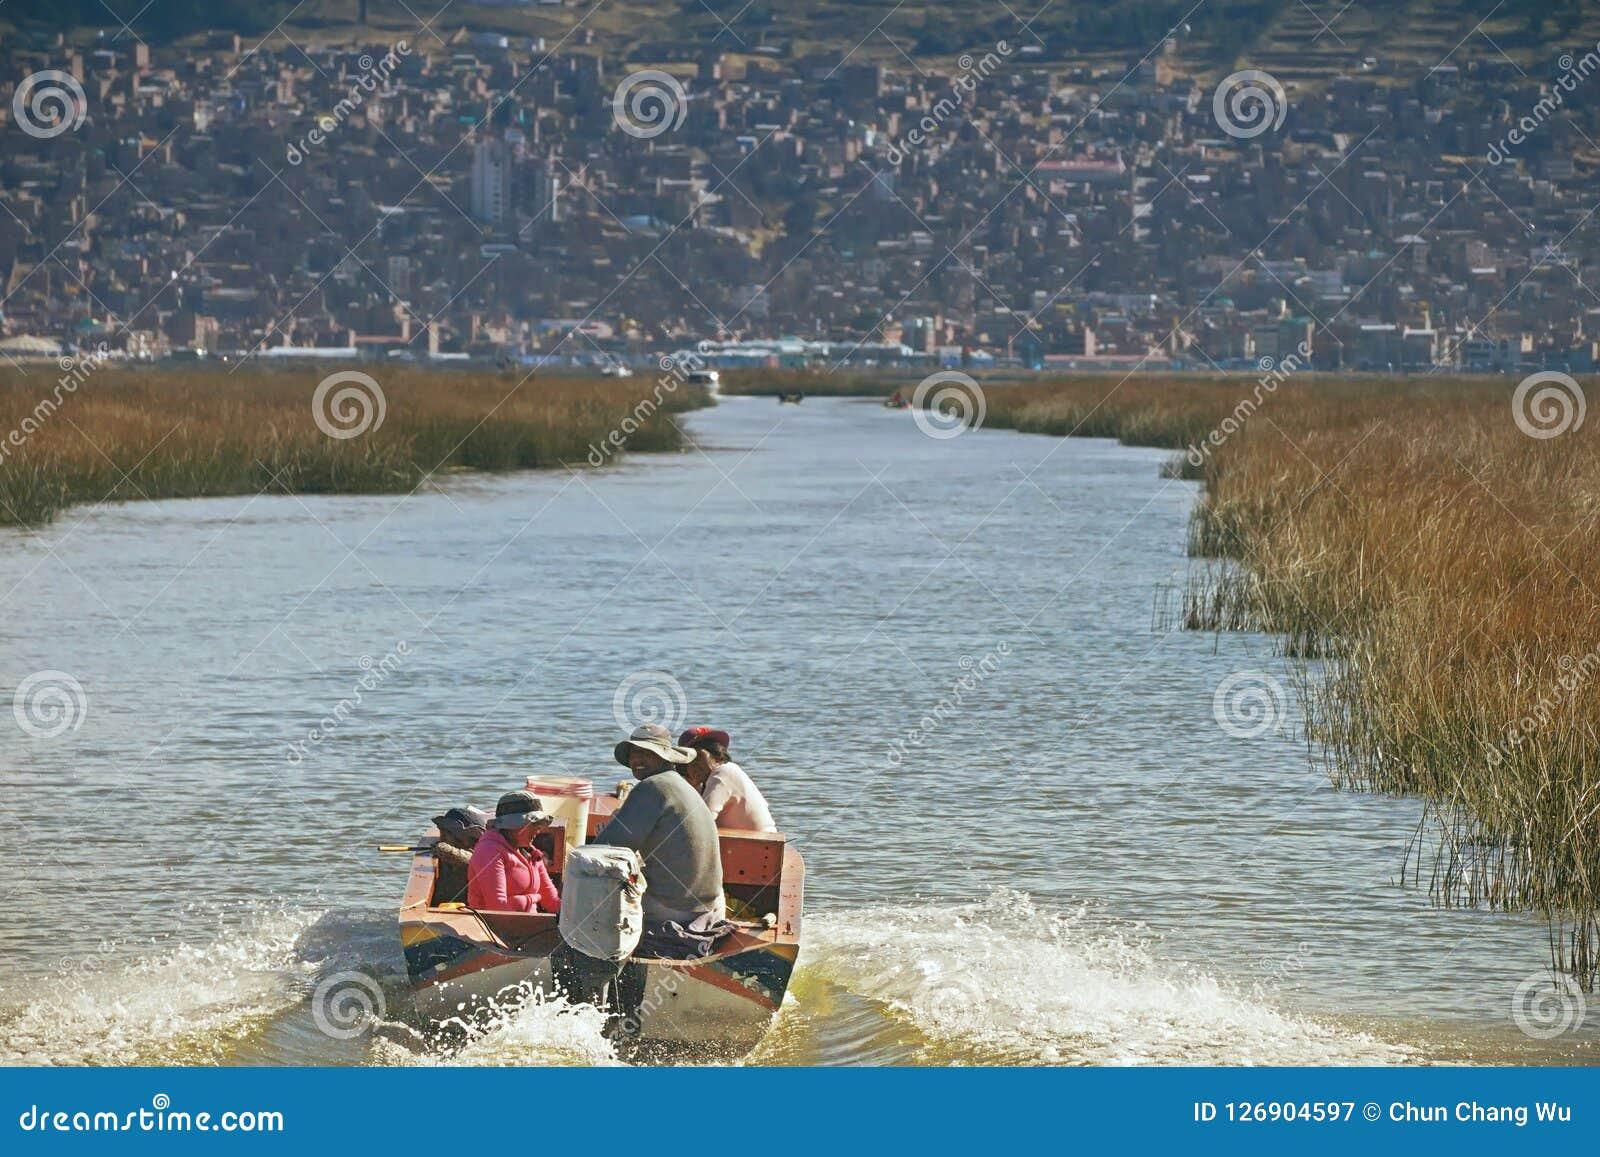 Sjö Titicaca, Peru - Augusti 17th, 2018: En peruansk familj seglar på sjön Titicaca, en stor djup sjö i Anderna på gränsen av